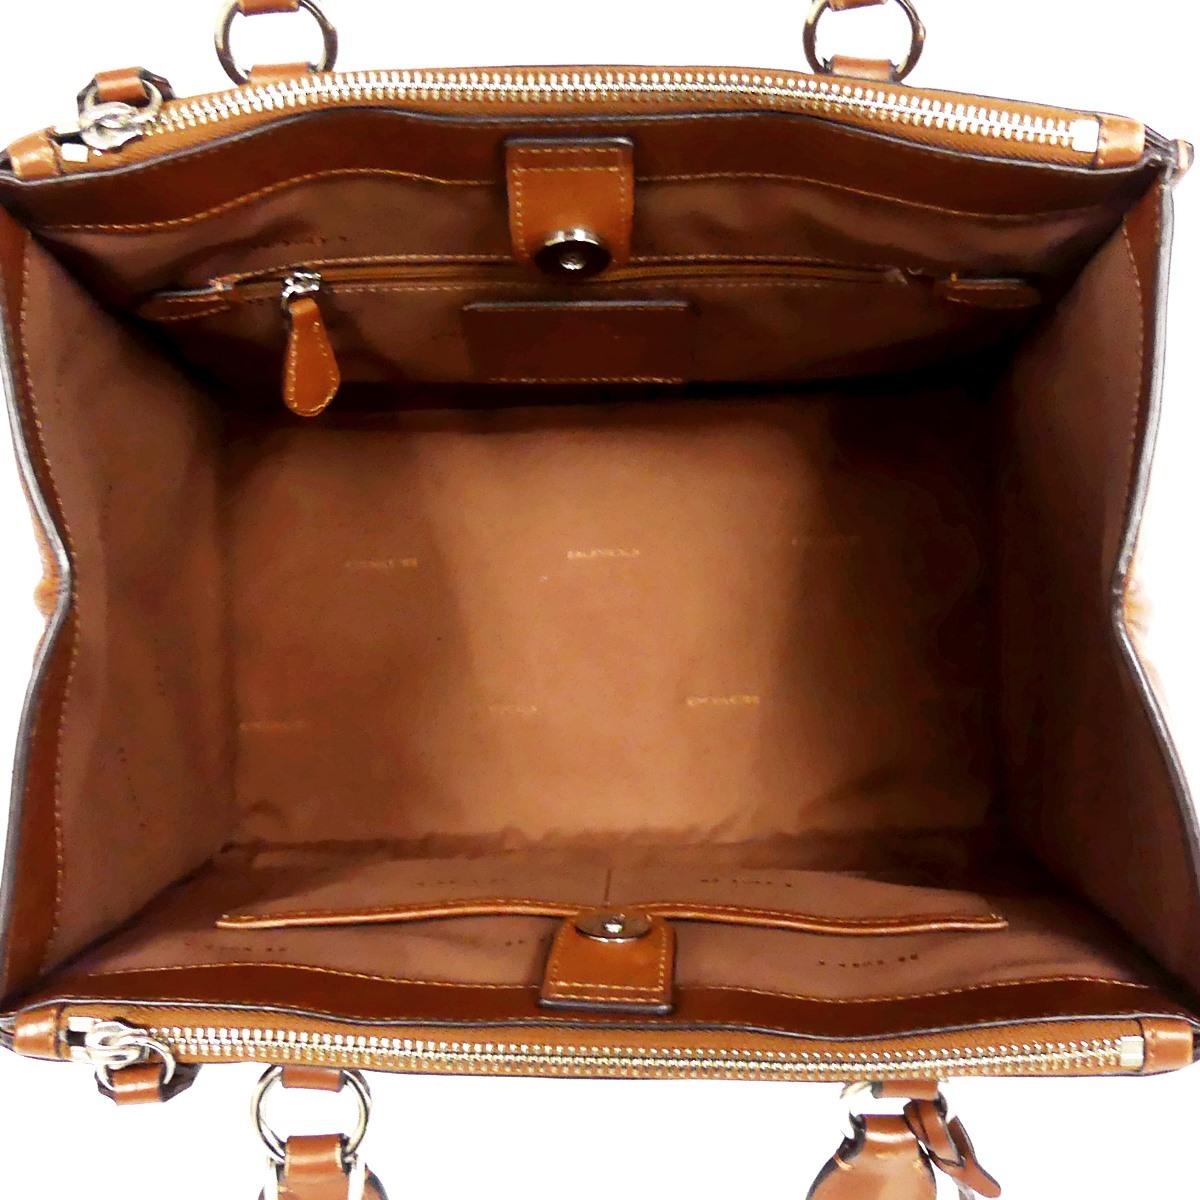 即決★COACH★レザーハンドバッグ オールドコーチ メンズ 茶 本革 トートバッグ 本皮 かばん 鞄 レディース ロゴプレート 手提げバッグ_画像8